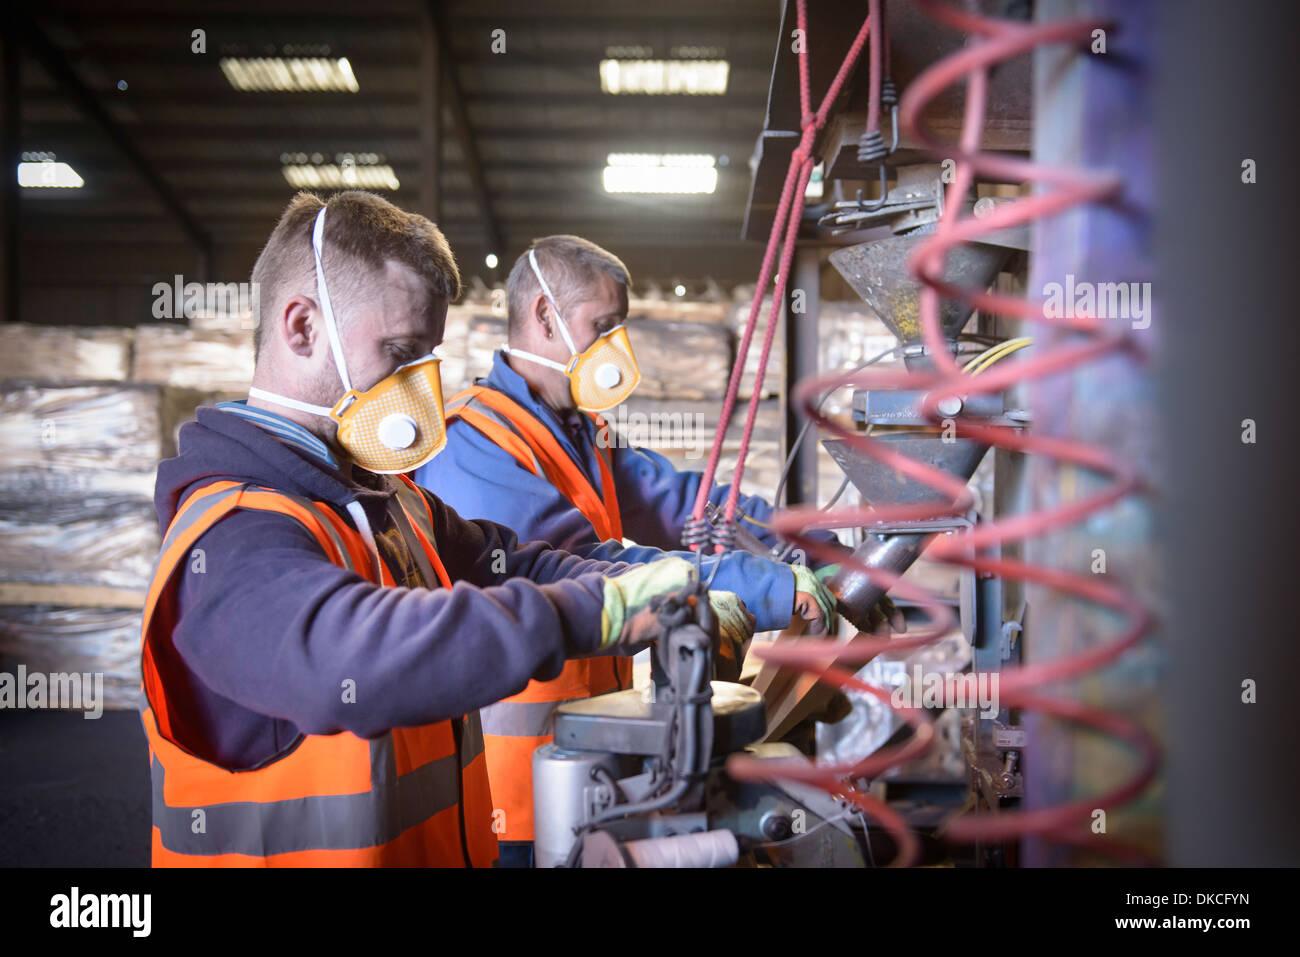 Vêtements de protection des travailleurs dans des sacs de remplissage avec des minéraux Photo Stock